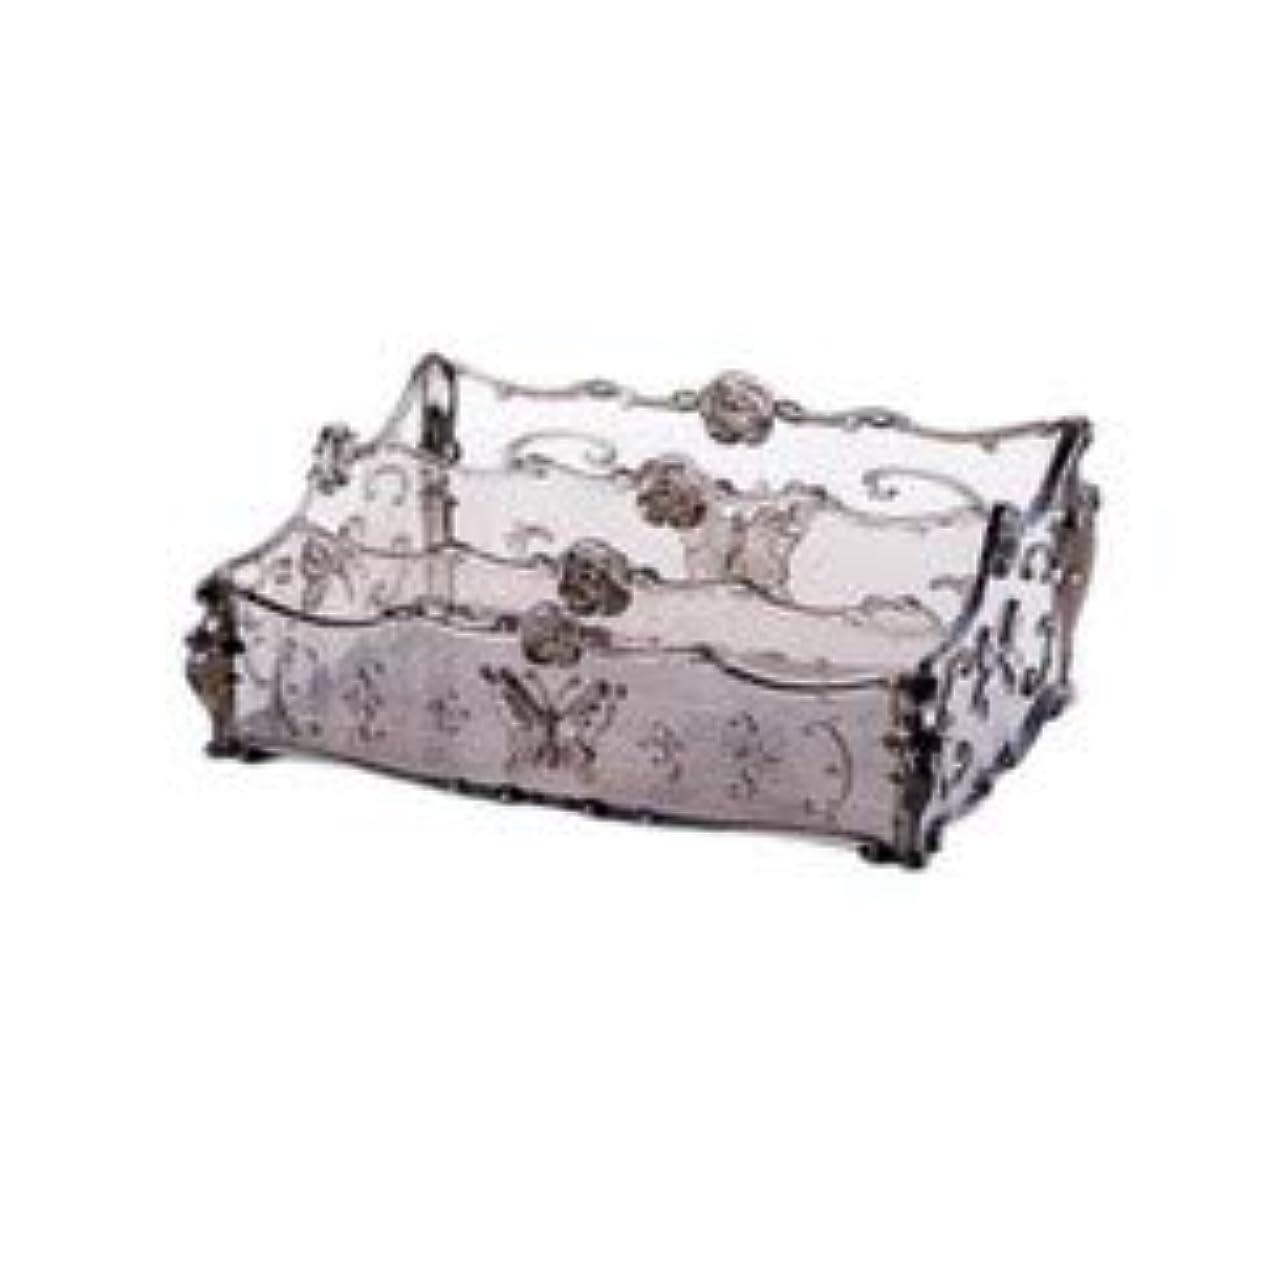 こどもの日カートリッジ多年生フラワー彫刻デスクトップ化粧品収納ボックス化粧台透明ラック家庭用プラスチックマルチカラースキンケア製品仕上げボックス (Color : Transparent gray)